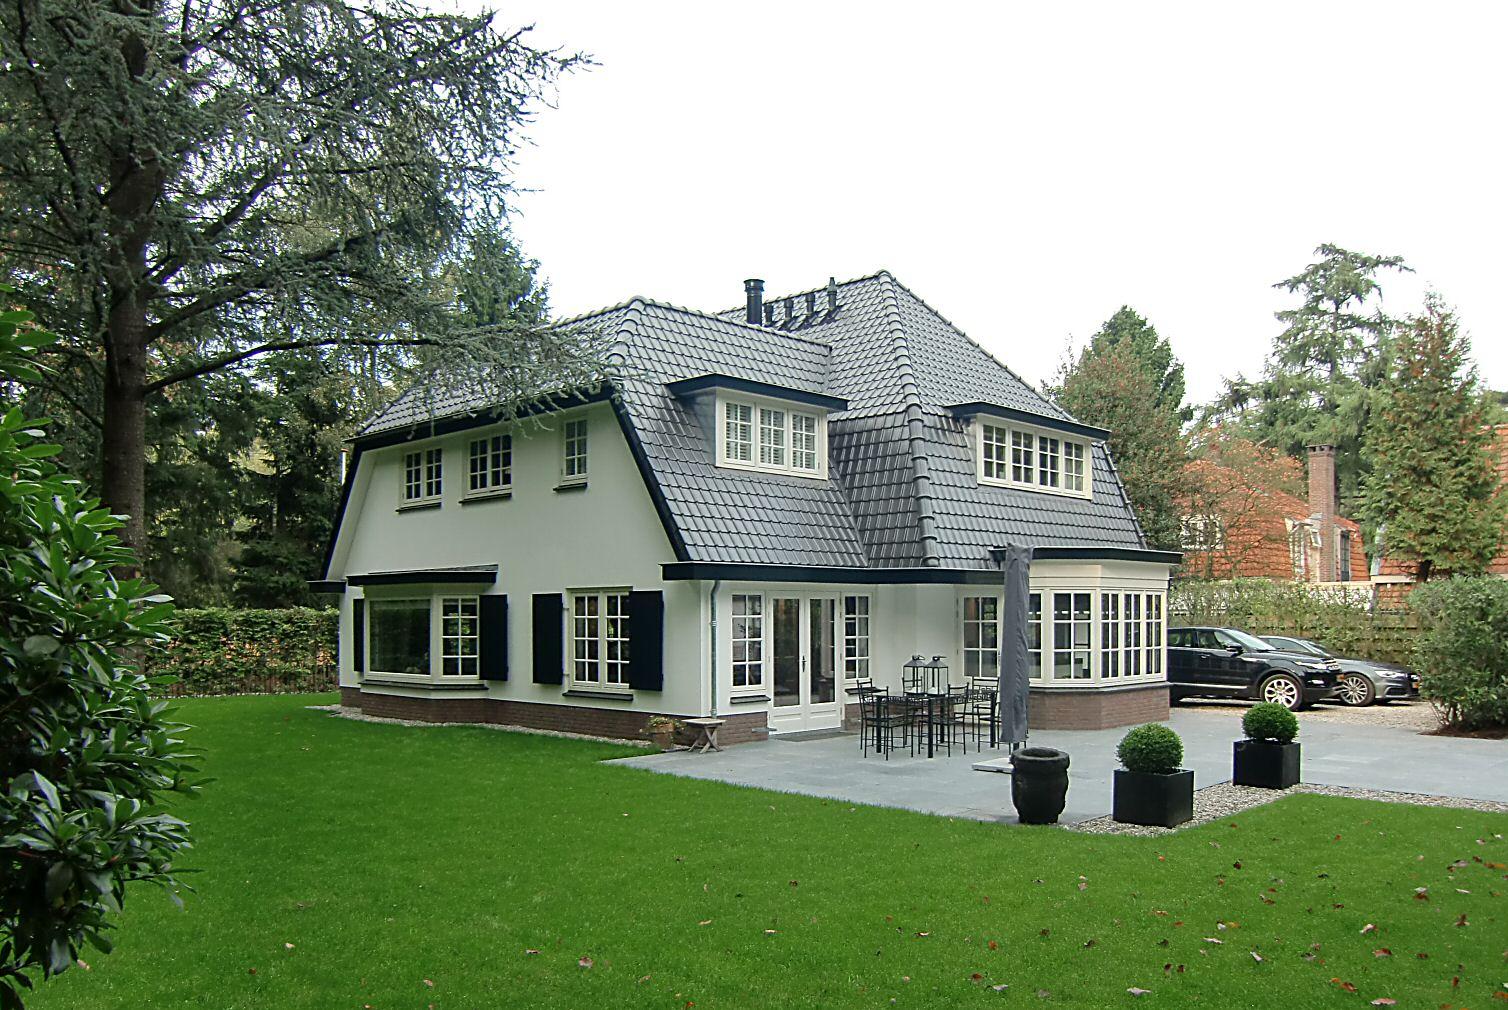 Maarn renovatie en uitbreiding jaren 39 20 woning architectenbureau van l ben sels - Architectuur renovatie ...